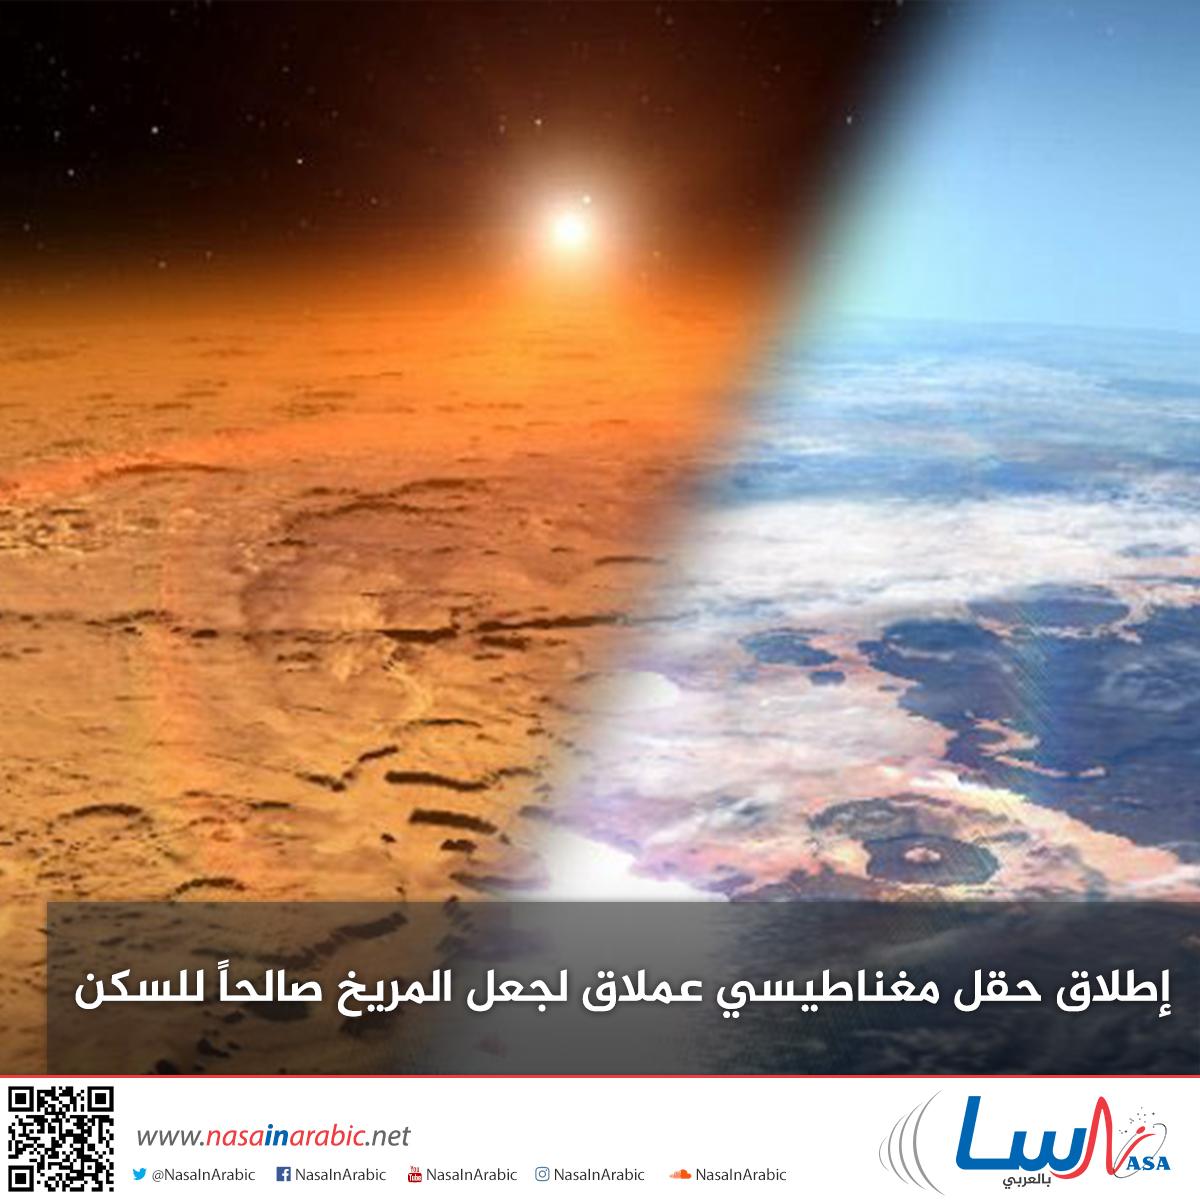 إطلاق حقل مغناطيسي عملاق لجعل المريخ صالحاً للسكن